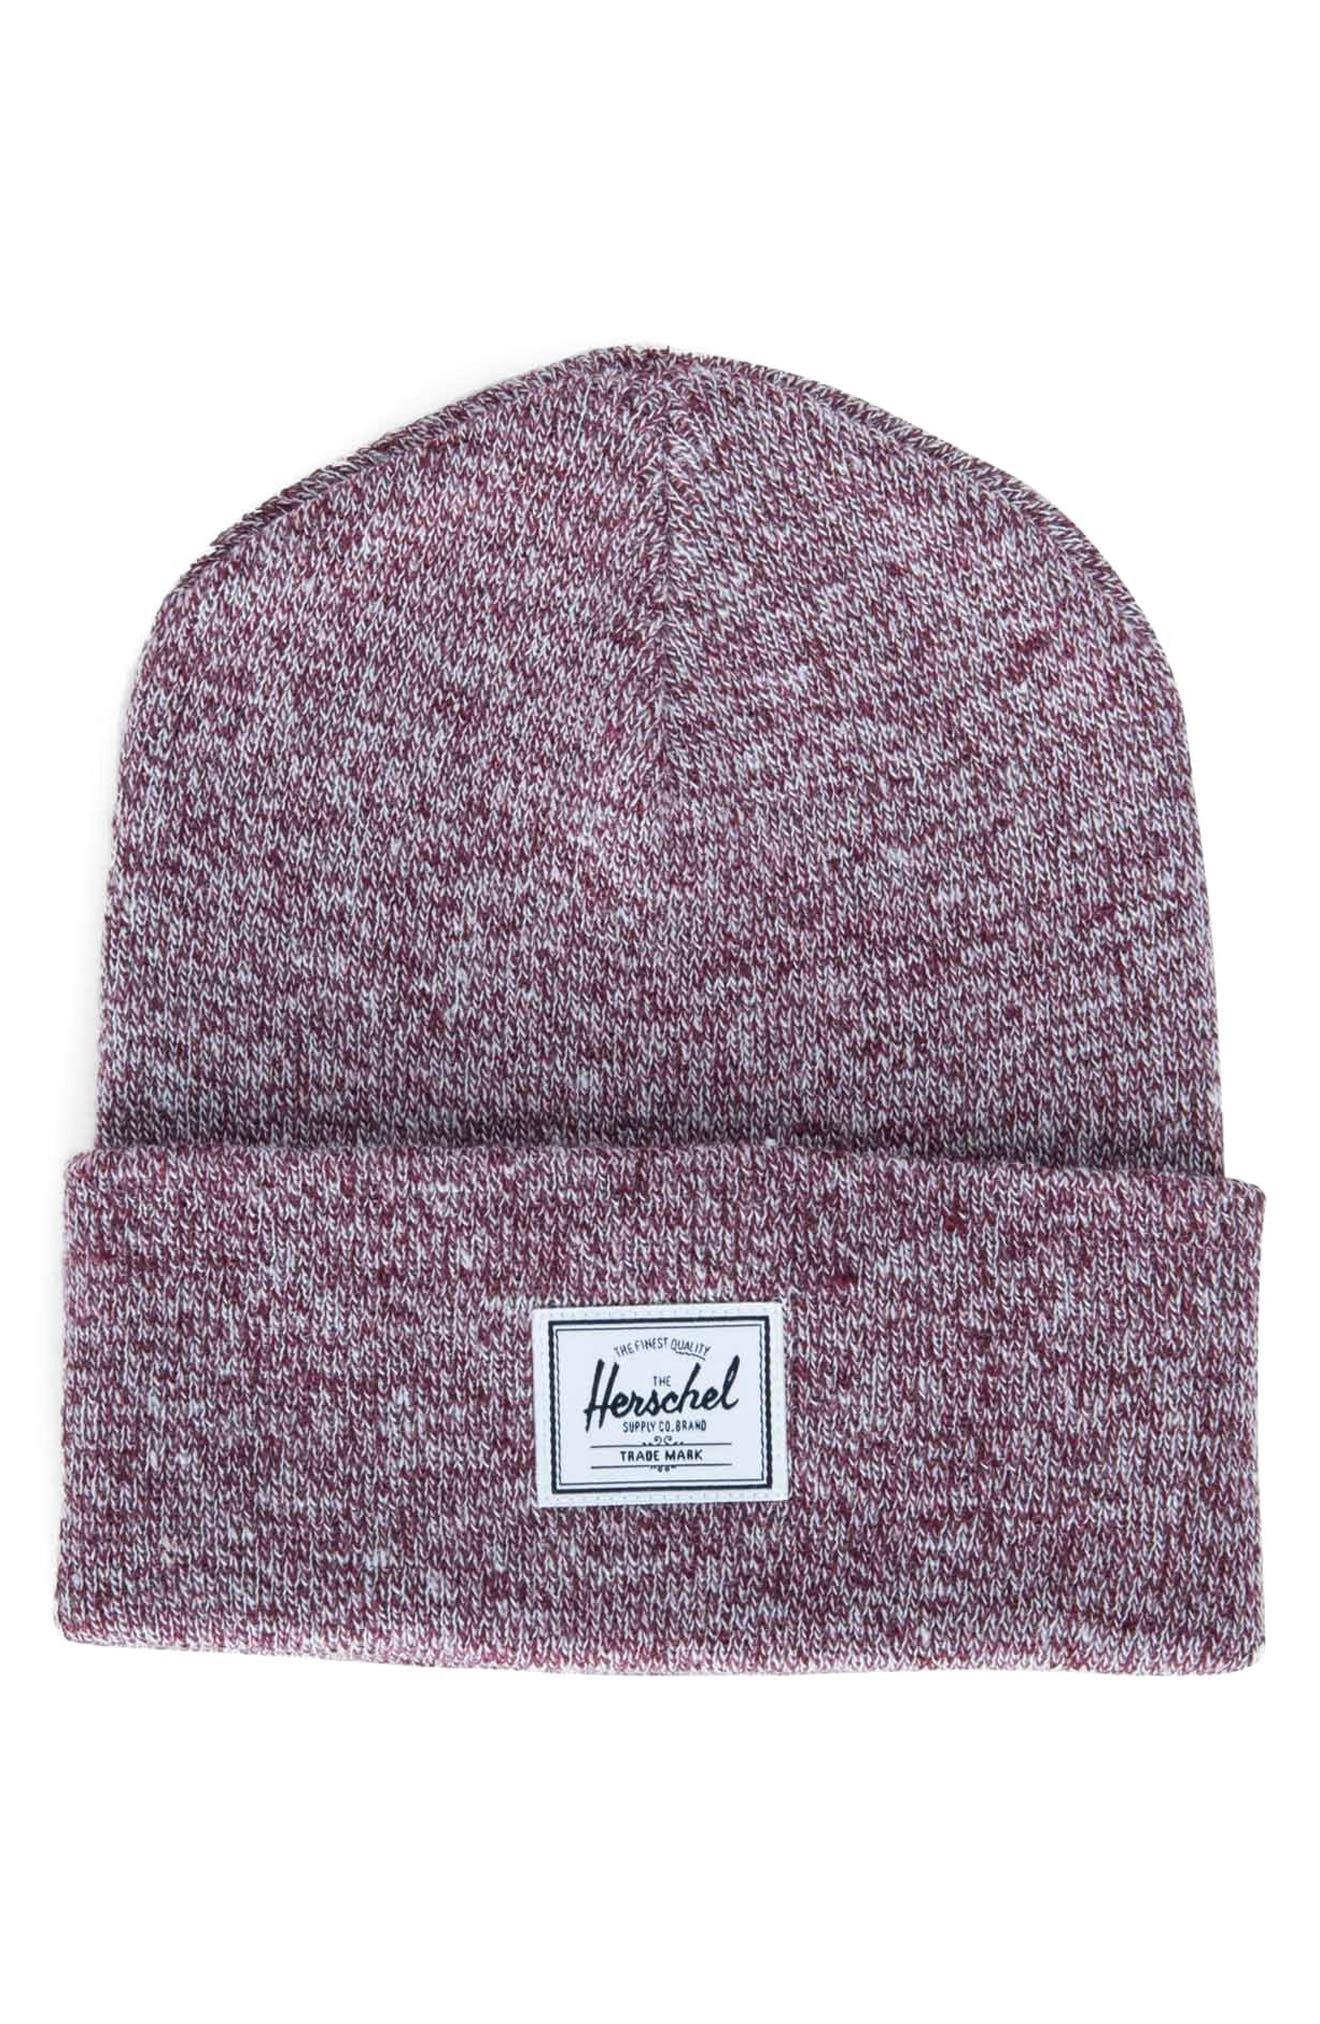 Main Image - Herschel Supply Co. Elmer Knit Beanie